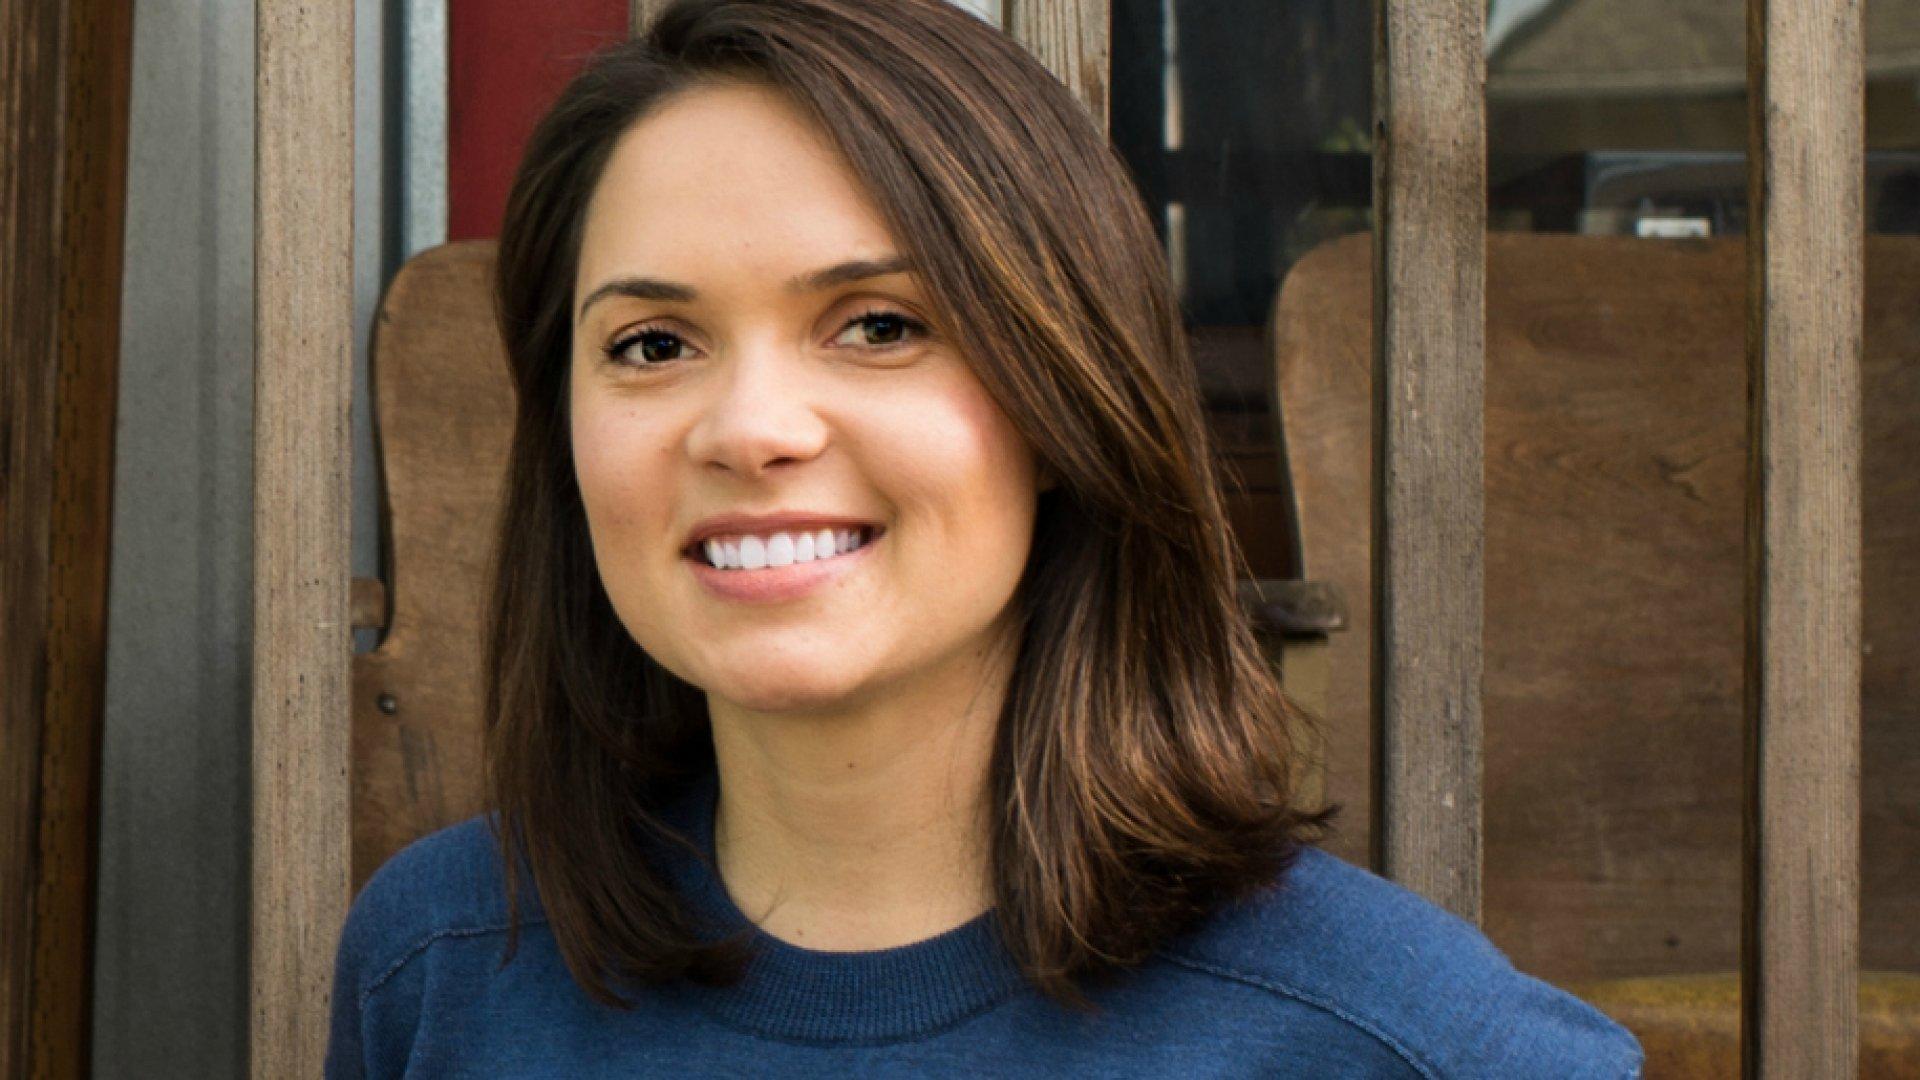 Brazi Bites co-founder and CEO Junea Rocha.